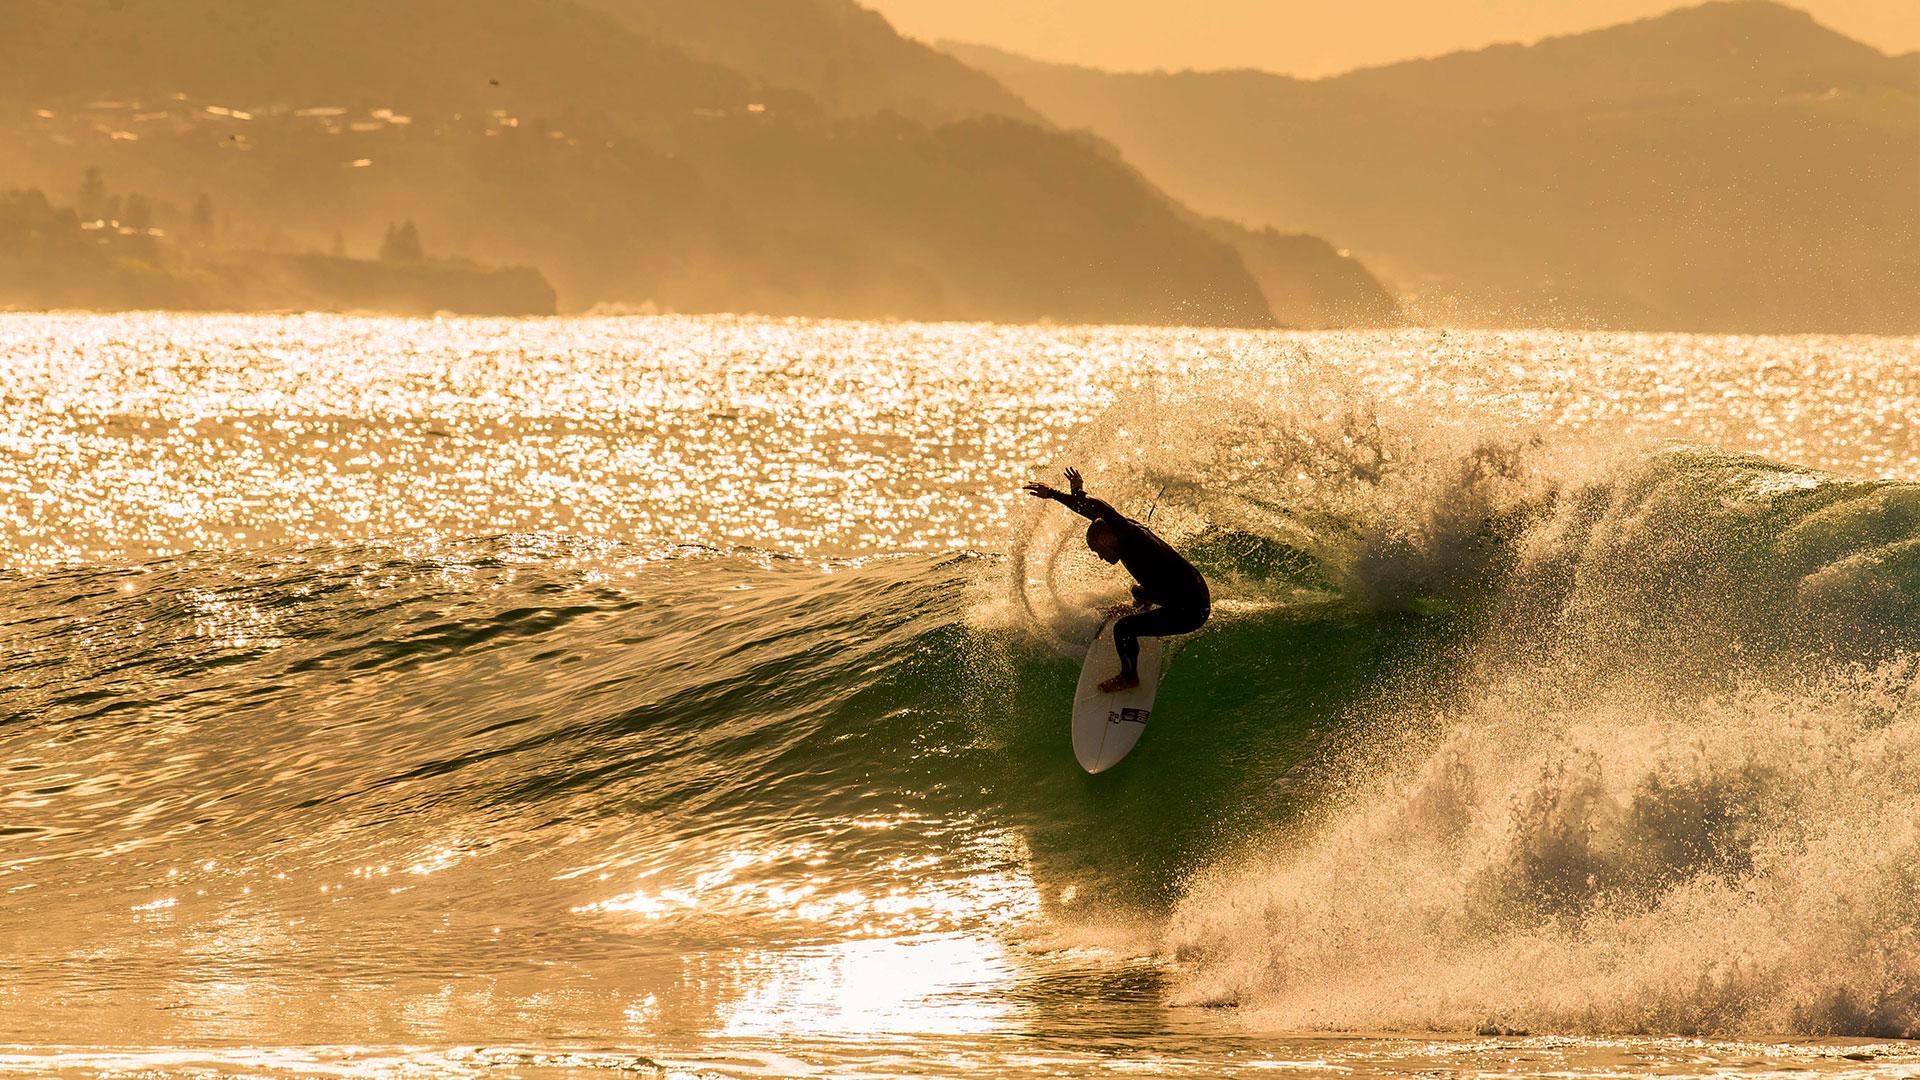 surf-hero